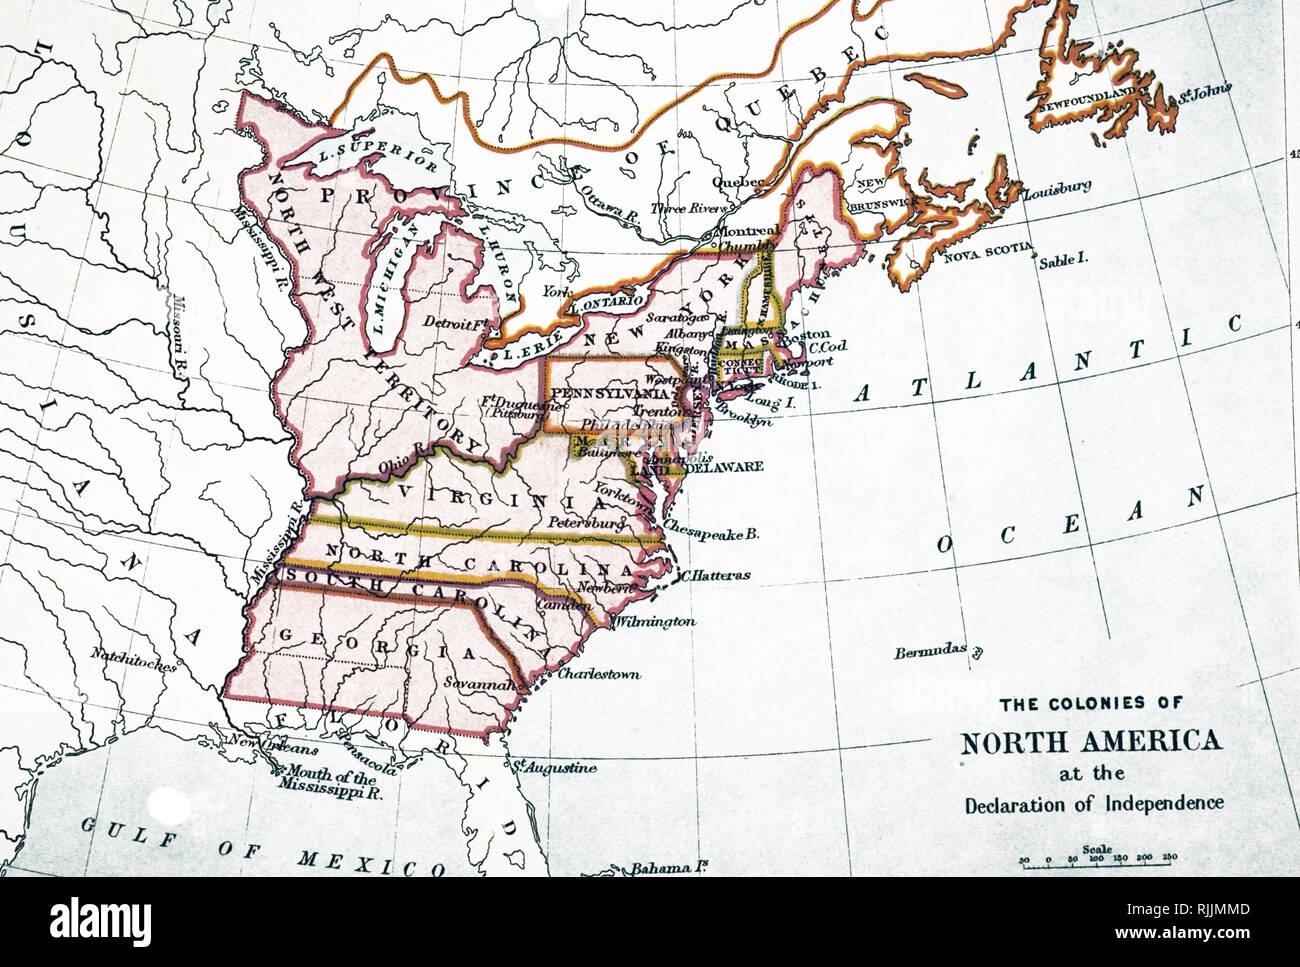 Usa Map 1776 Stock Photos Usa Map 1776 Stock Images Alamy